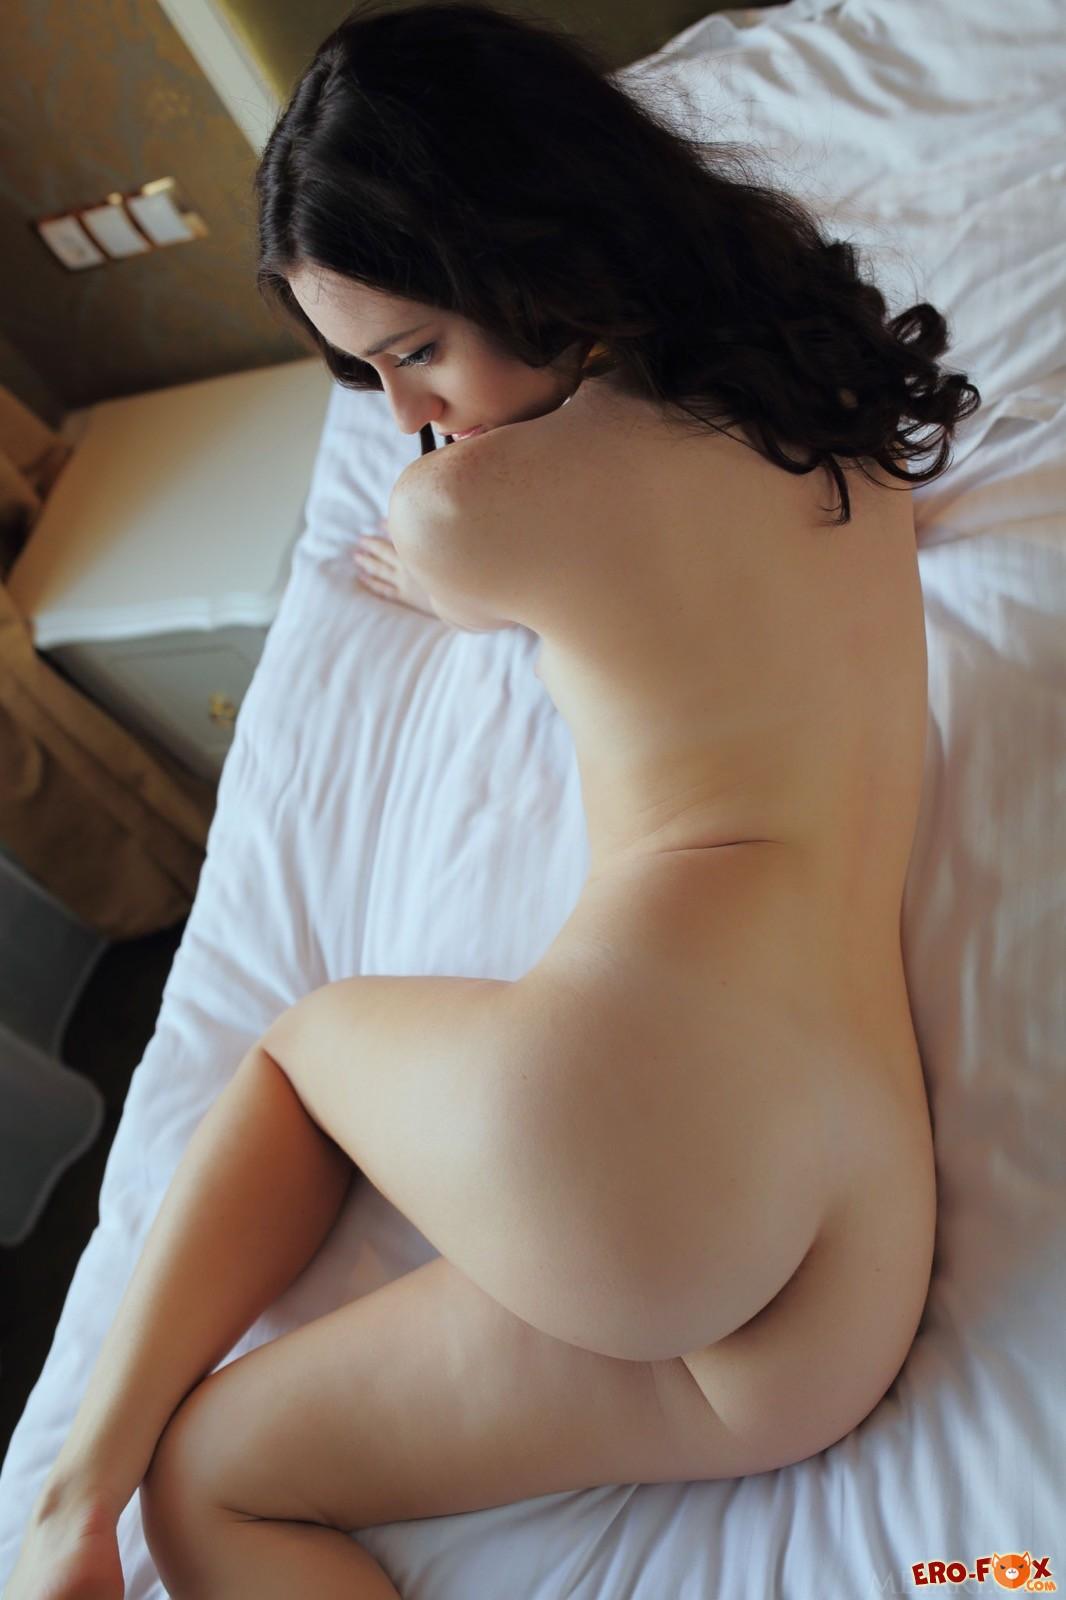 Красотка без трусиков позирует в постели